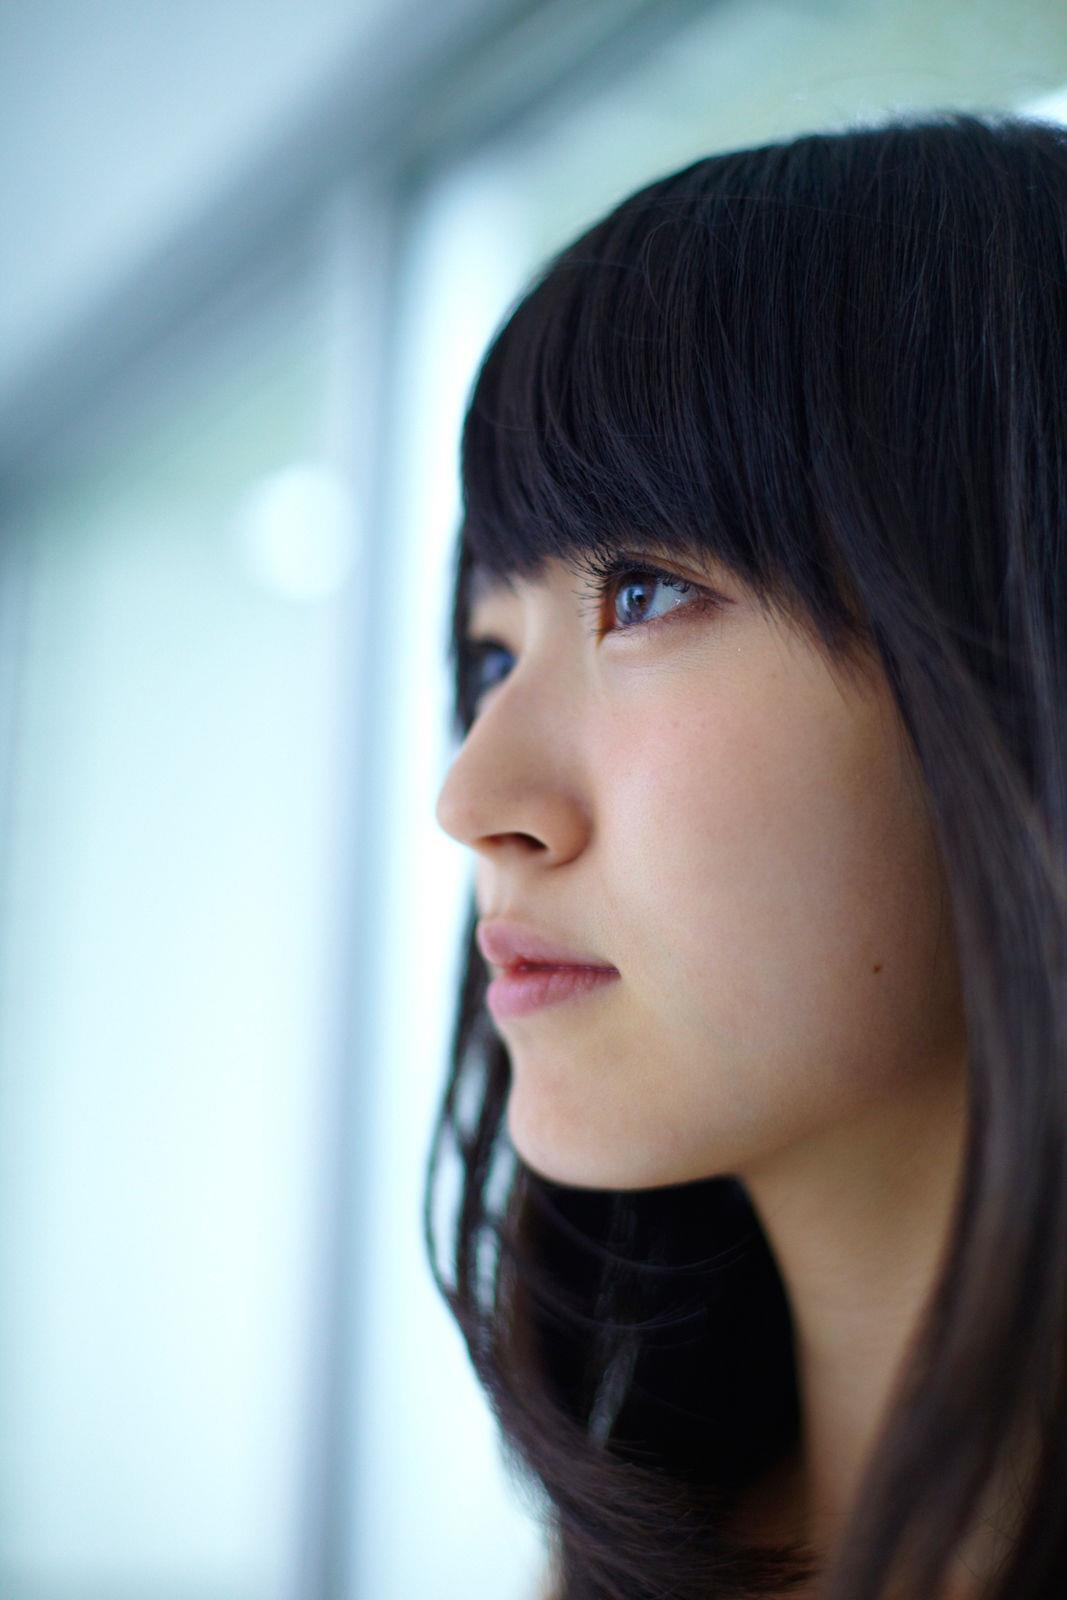 鈴木愛理(℃-ute) セクシー画像 20